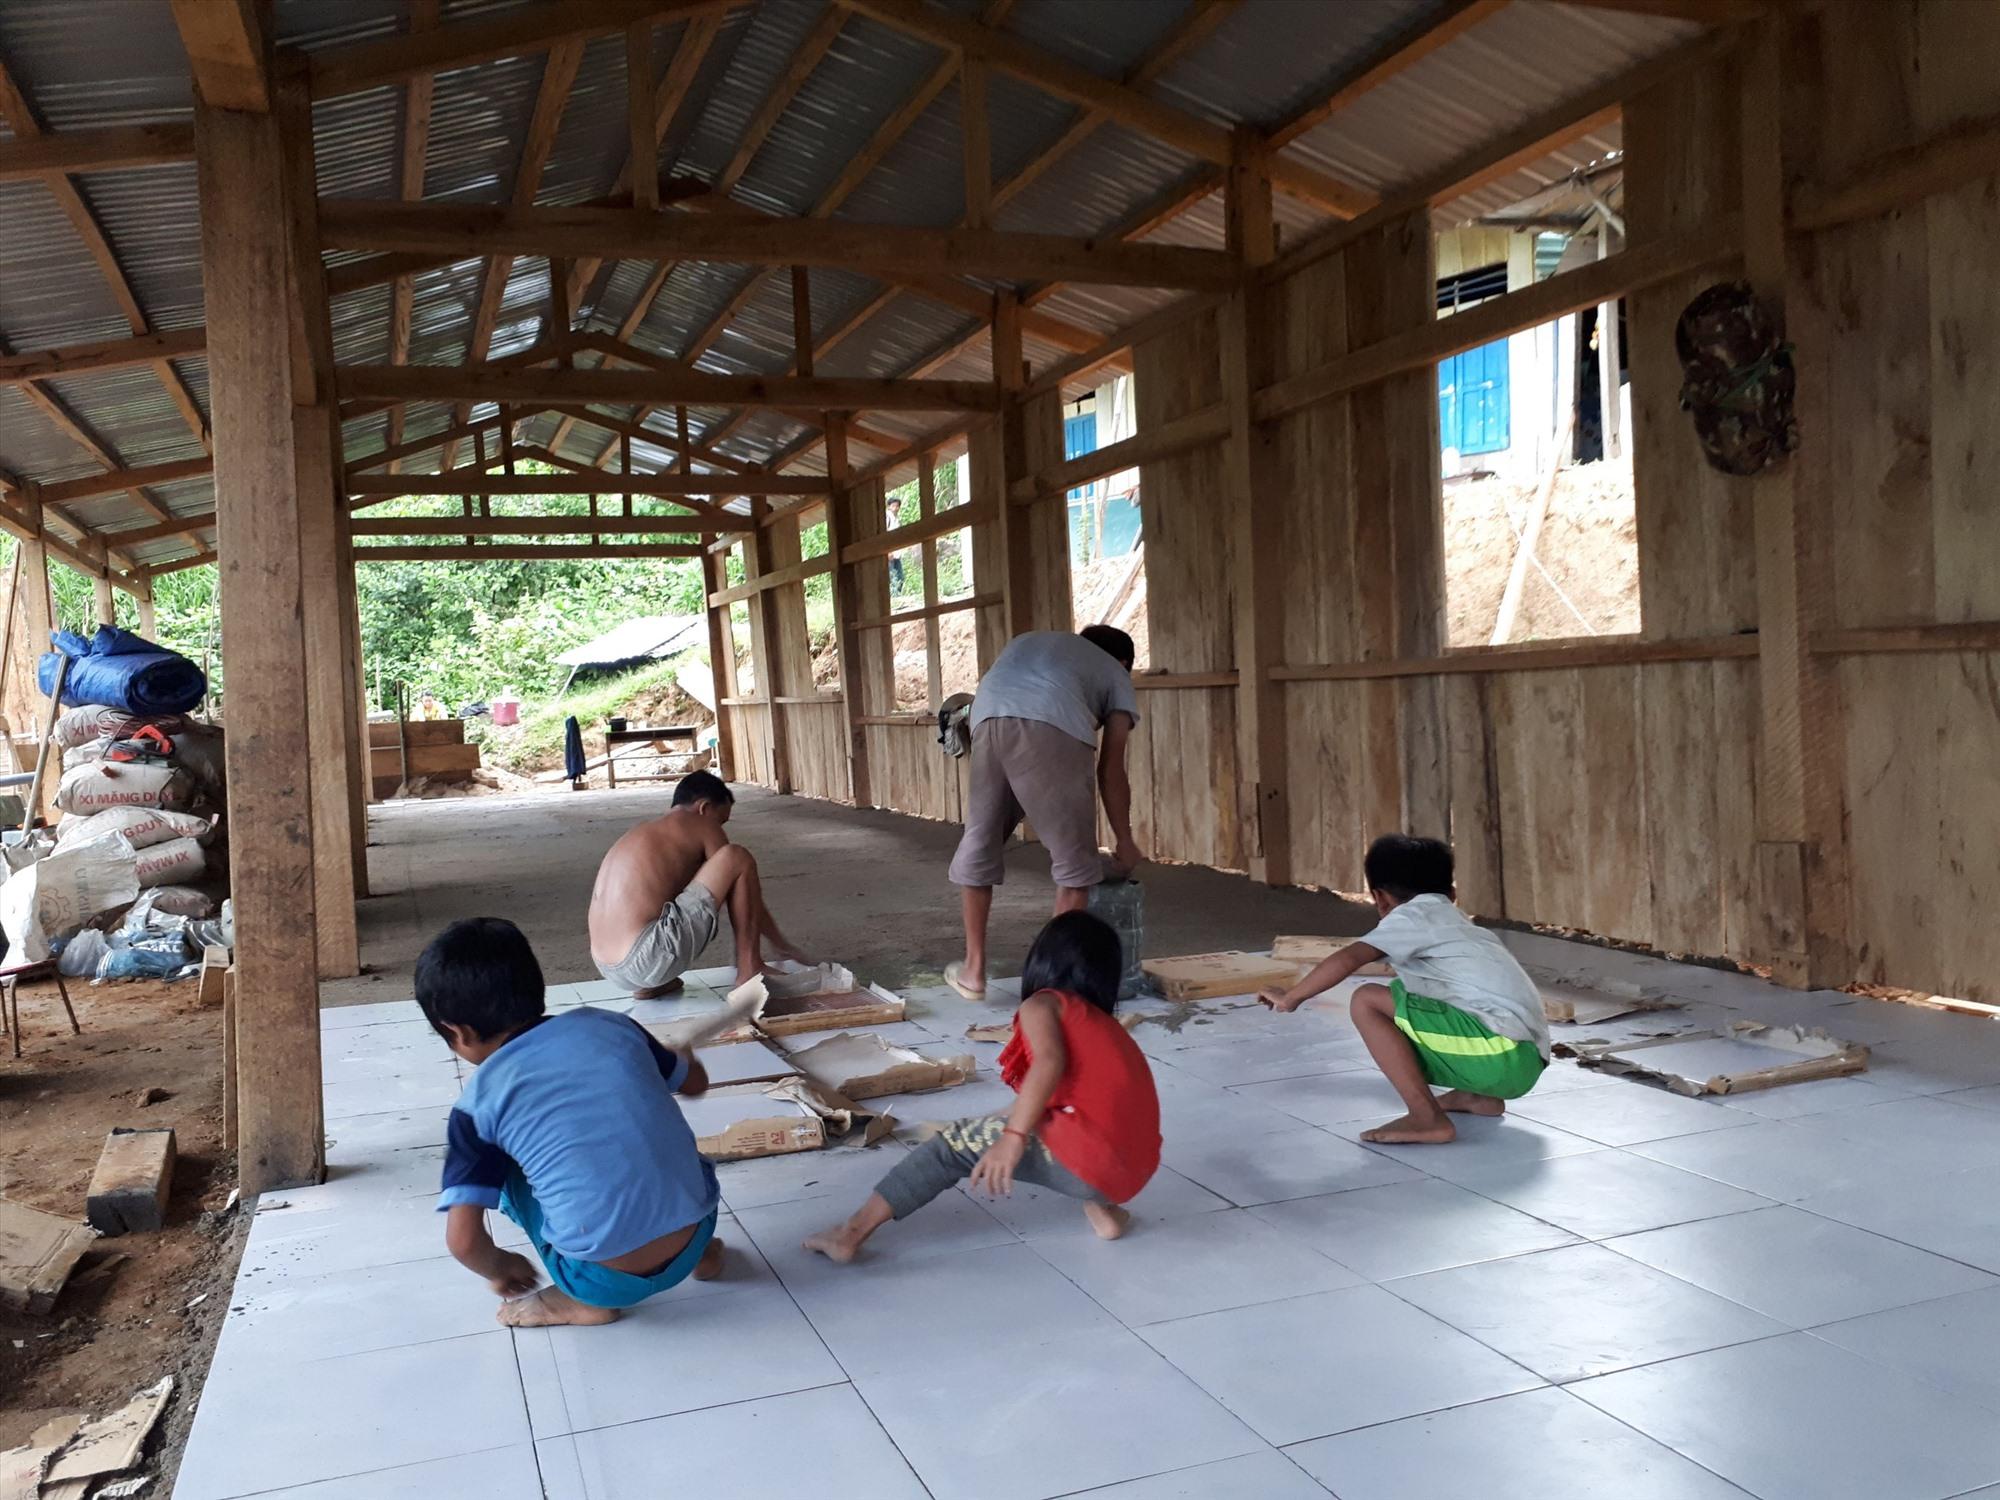 Bà con nhân dân và các em học sinh cùng tham gia một công đoạn nhỏ trong quá trình hoàn thiện ngôi trường. Ảnh: LÊ THANH VY